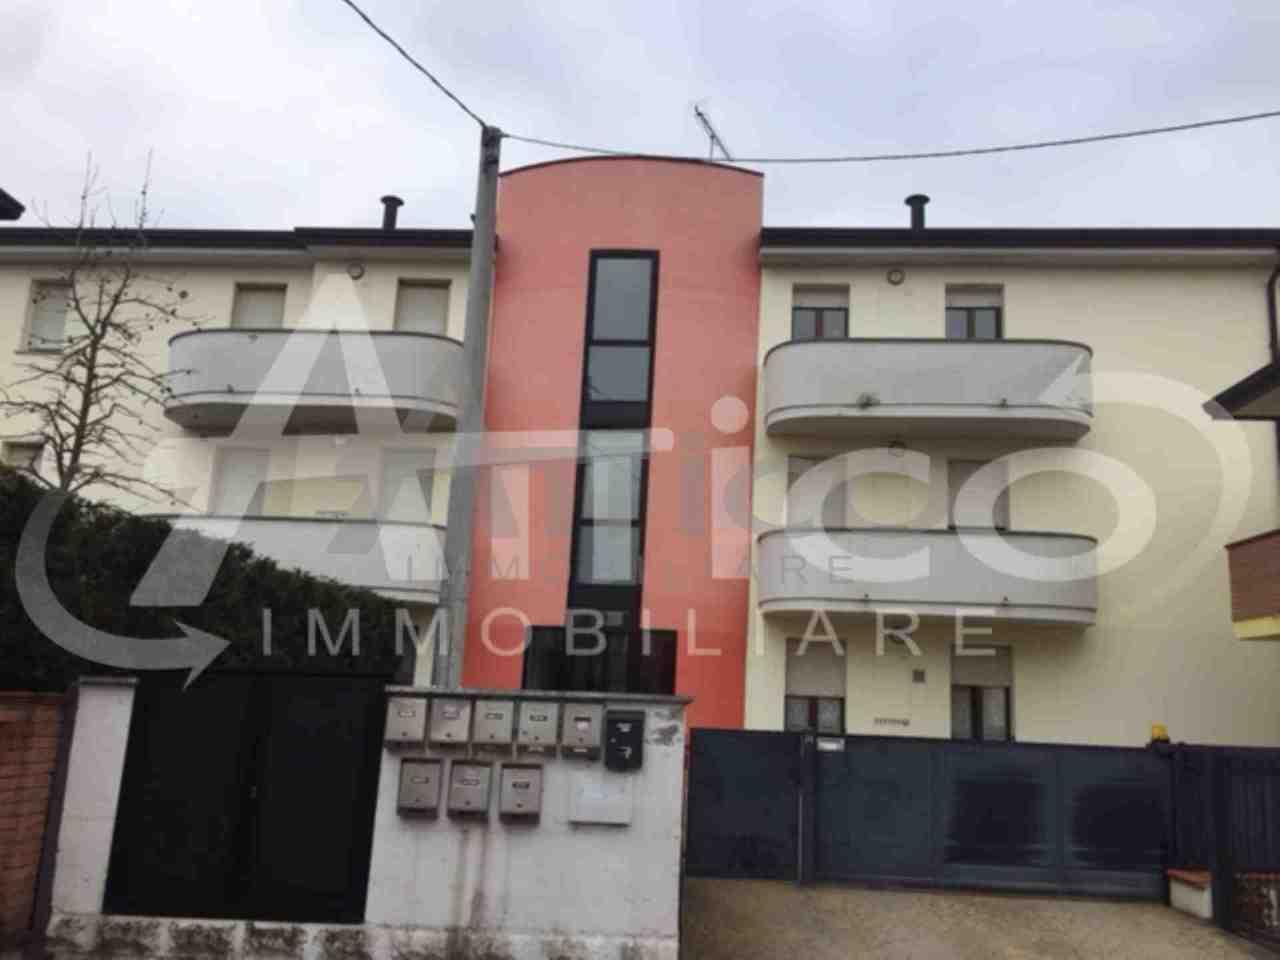 Appartamento - Quadrilocale a Tassina, Rovigo